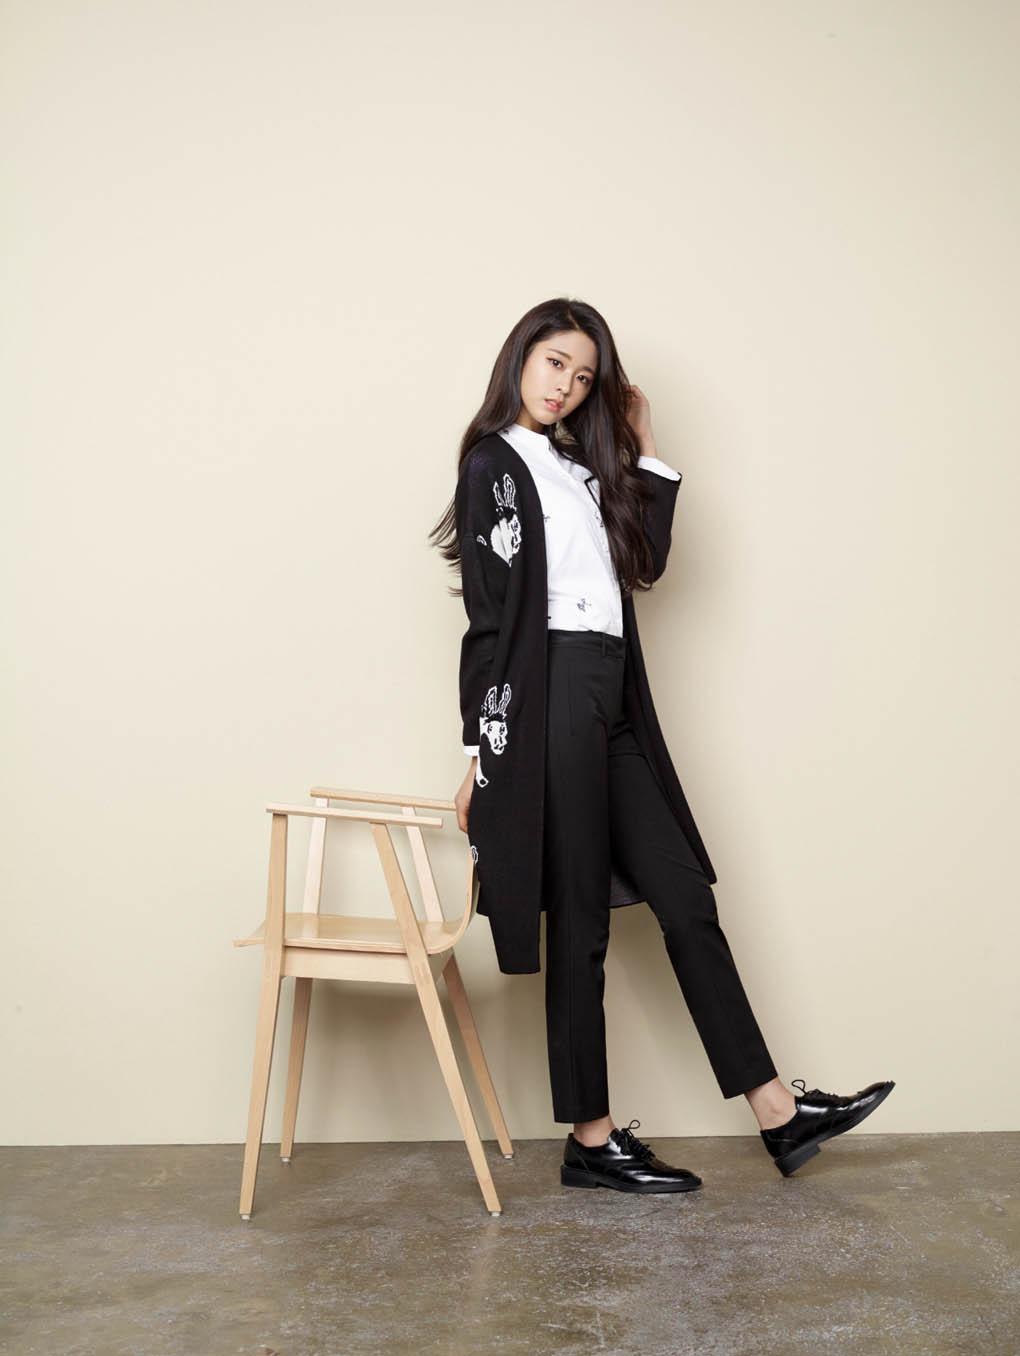 周元&AOA成員雪炫_mind bridge_2016_5